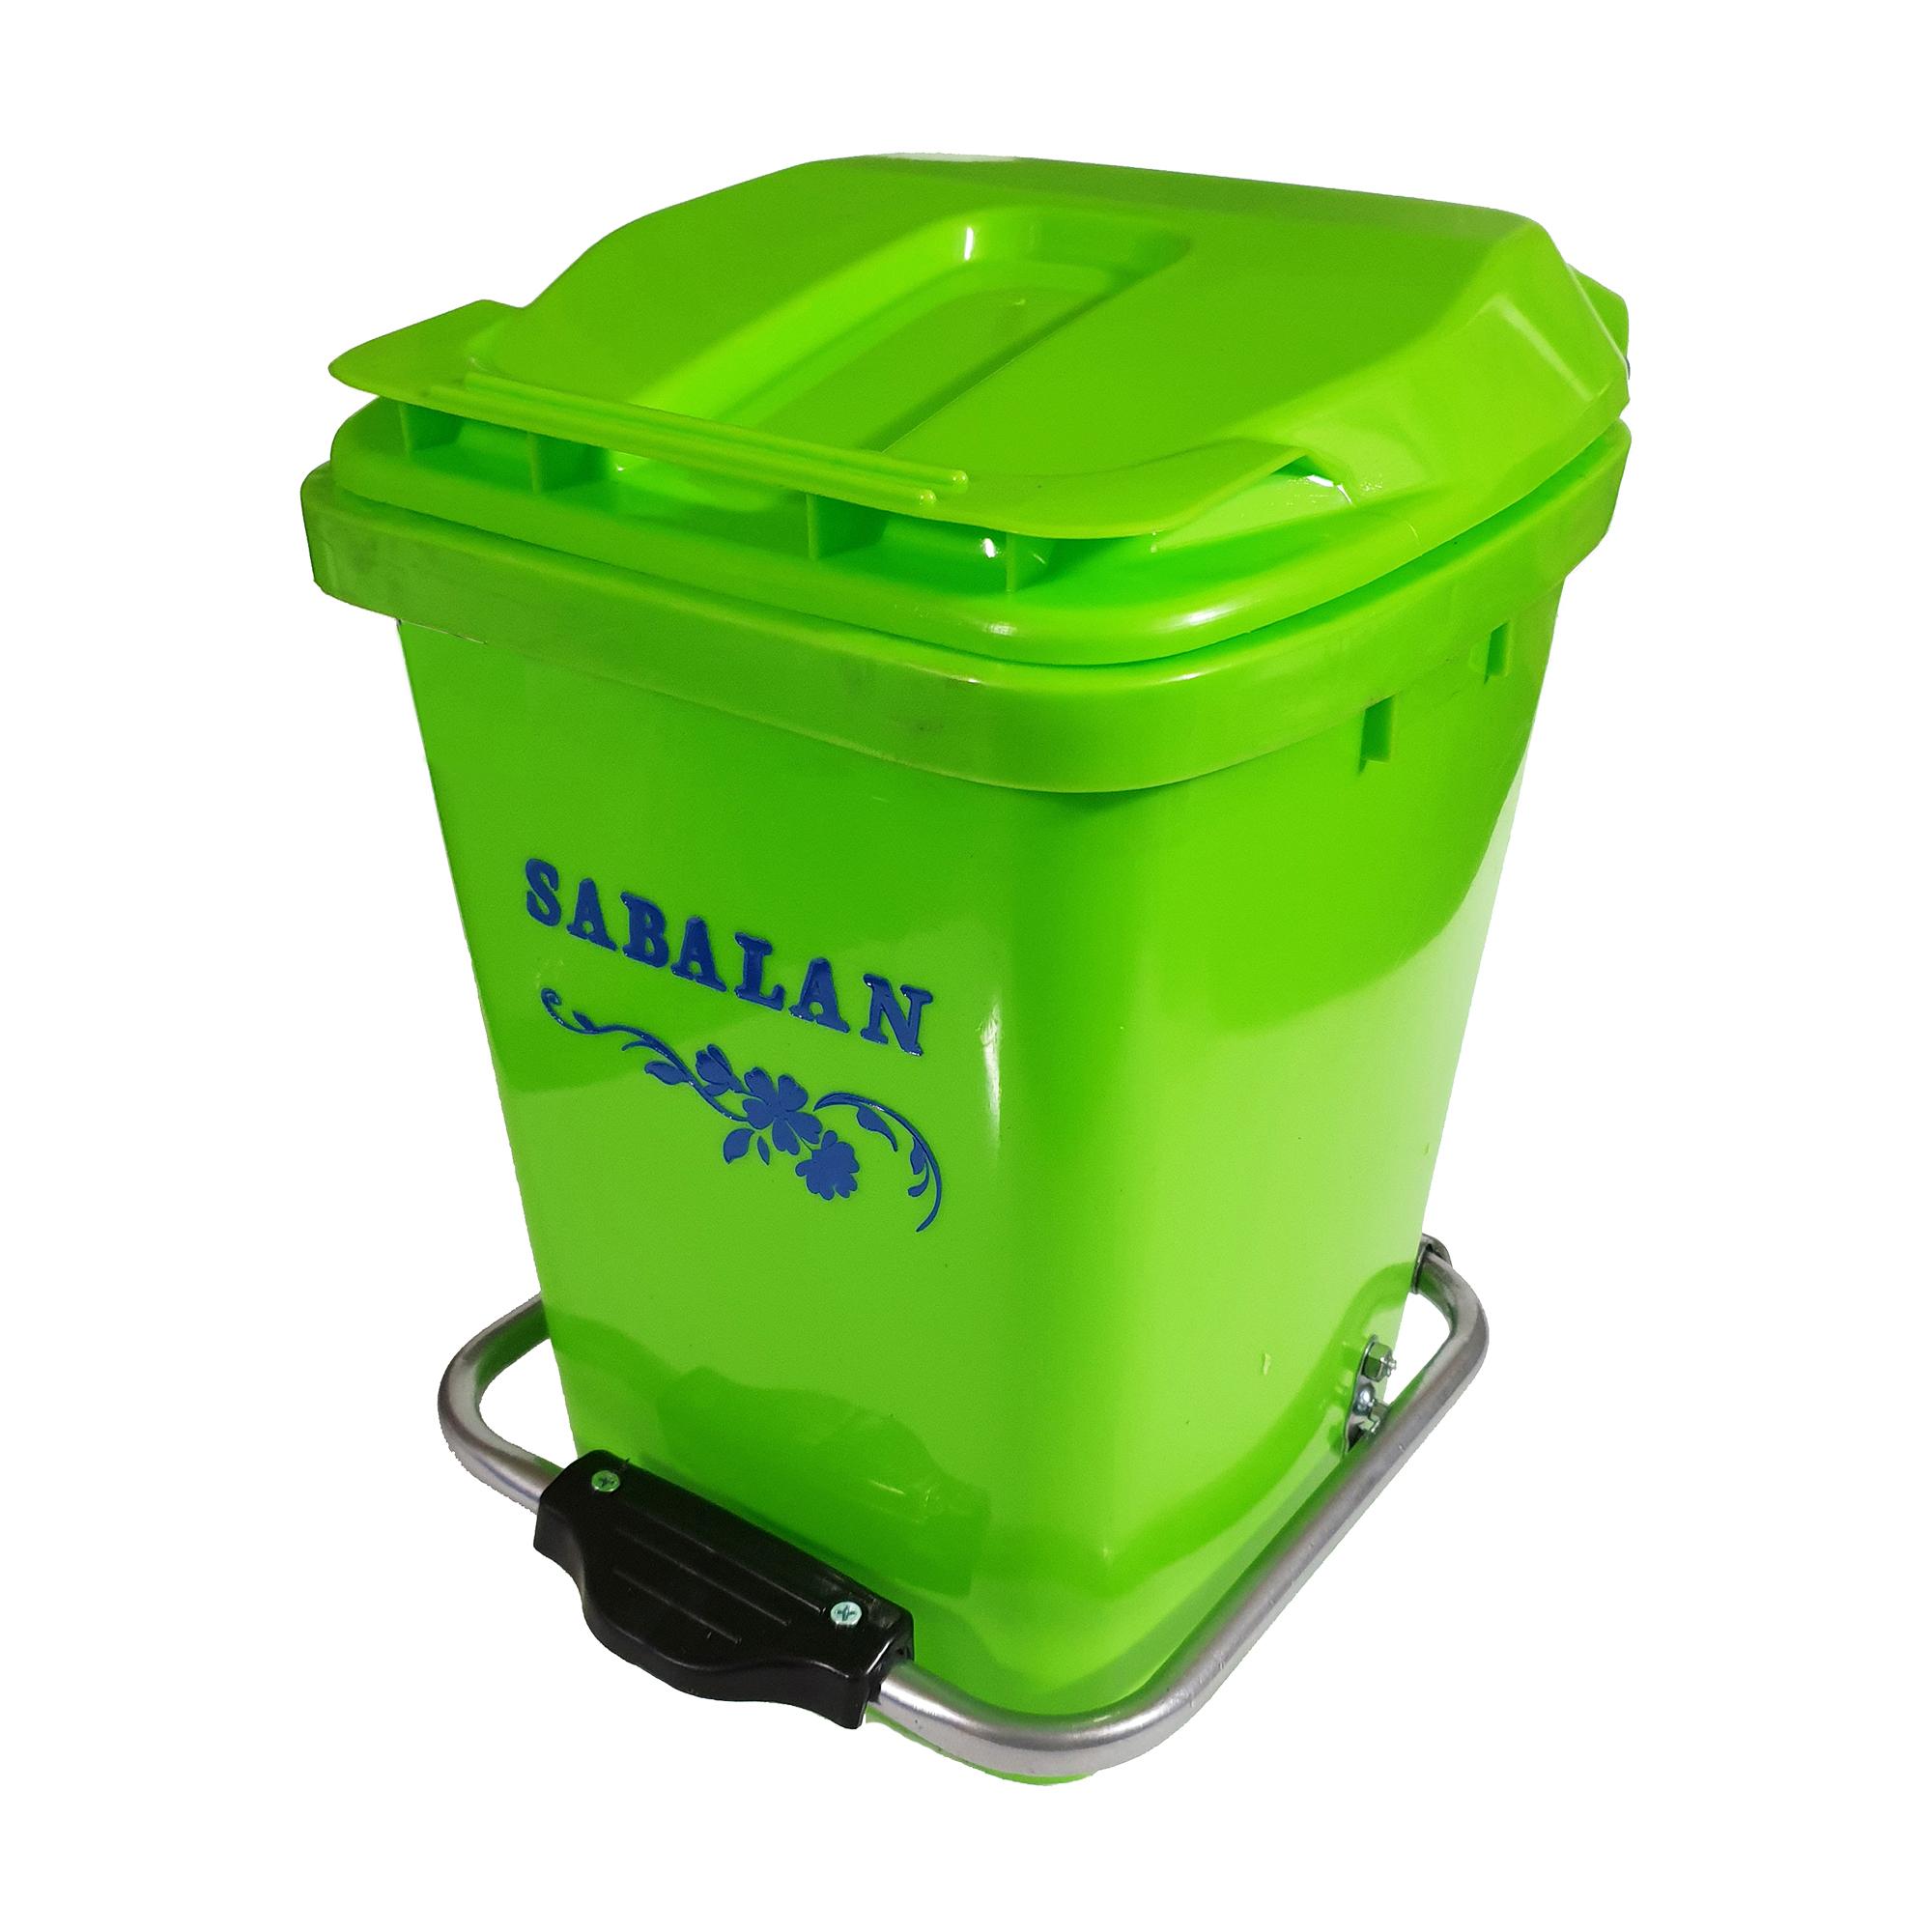 سطل زباله اداری سبلان کد 222.1